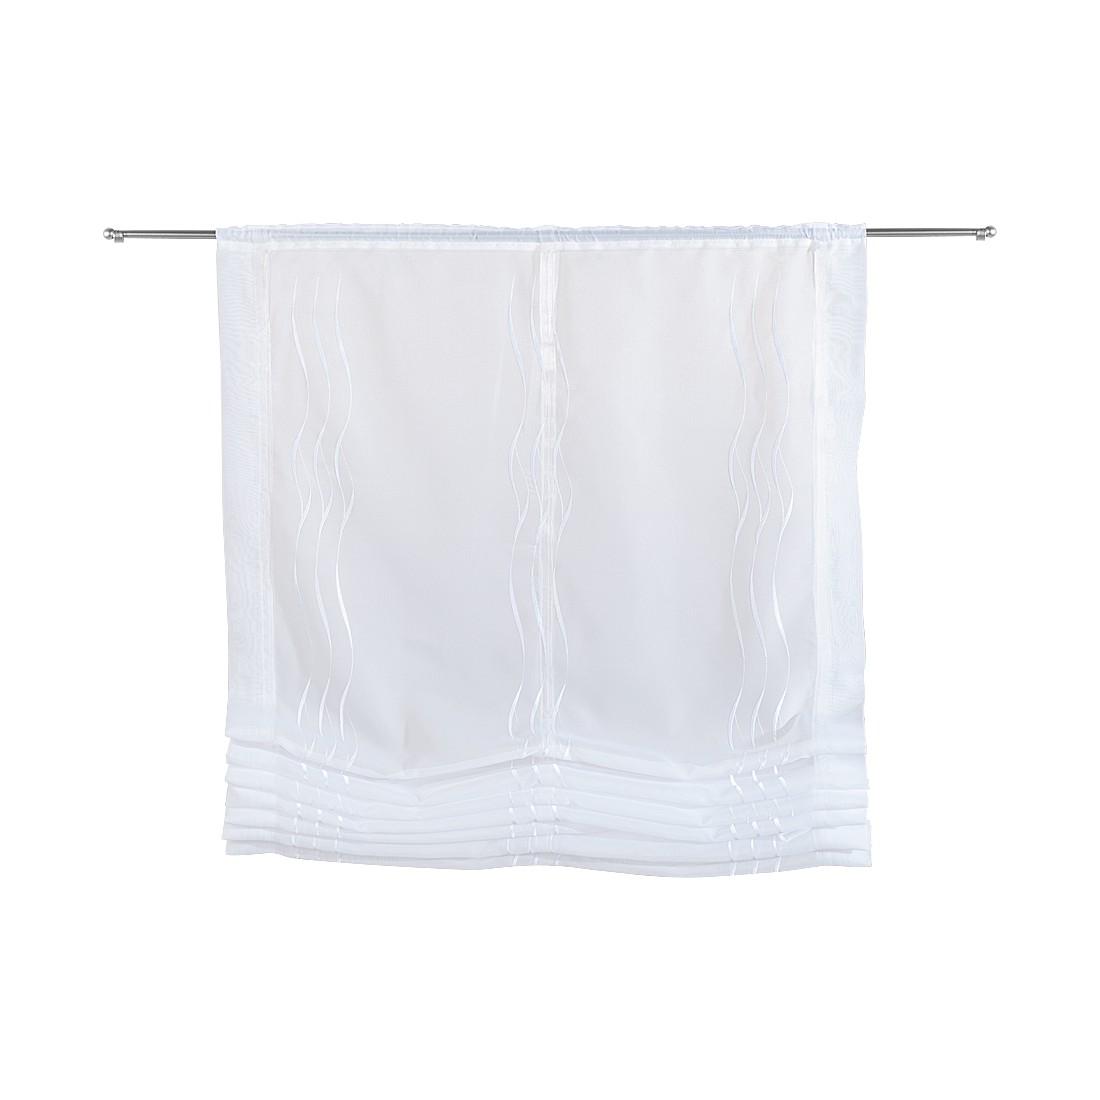 Home 24 - Rideau brise-vue nona - blanc - 120 x 170 cm, home24 deko